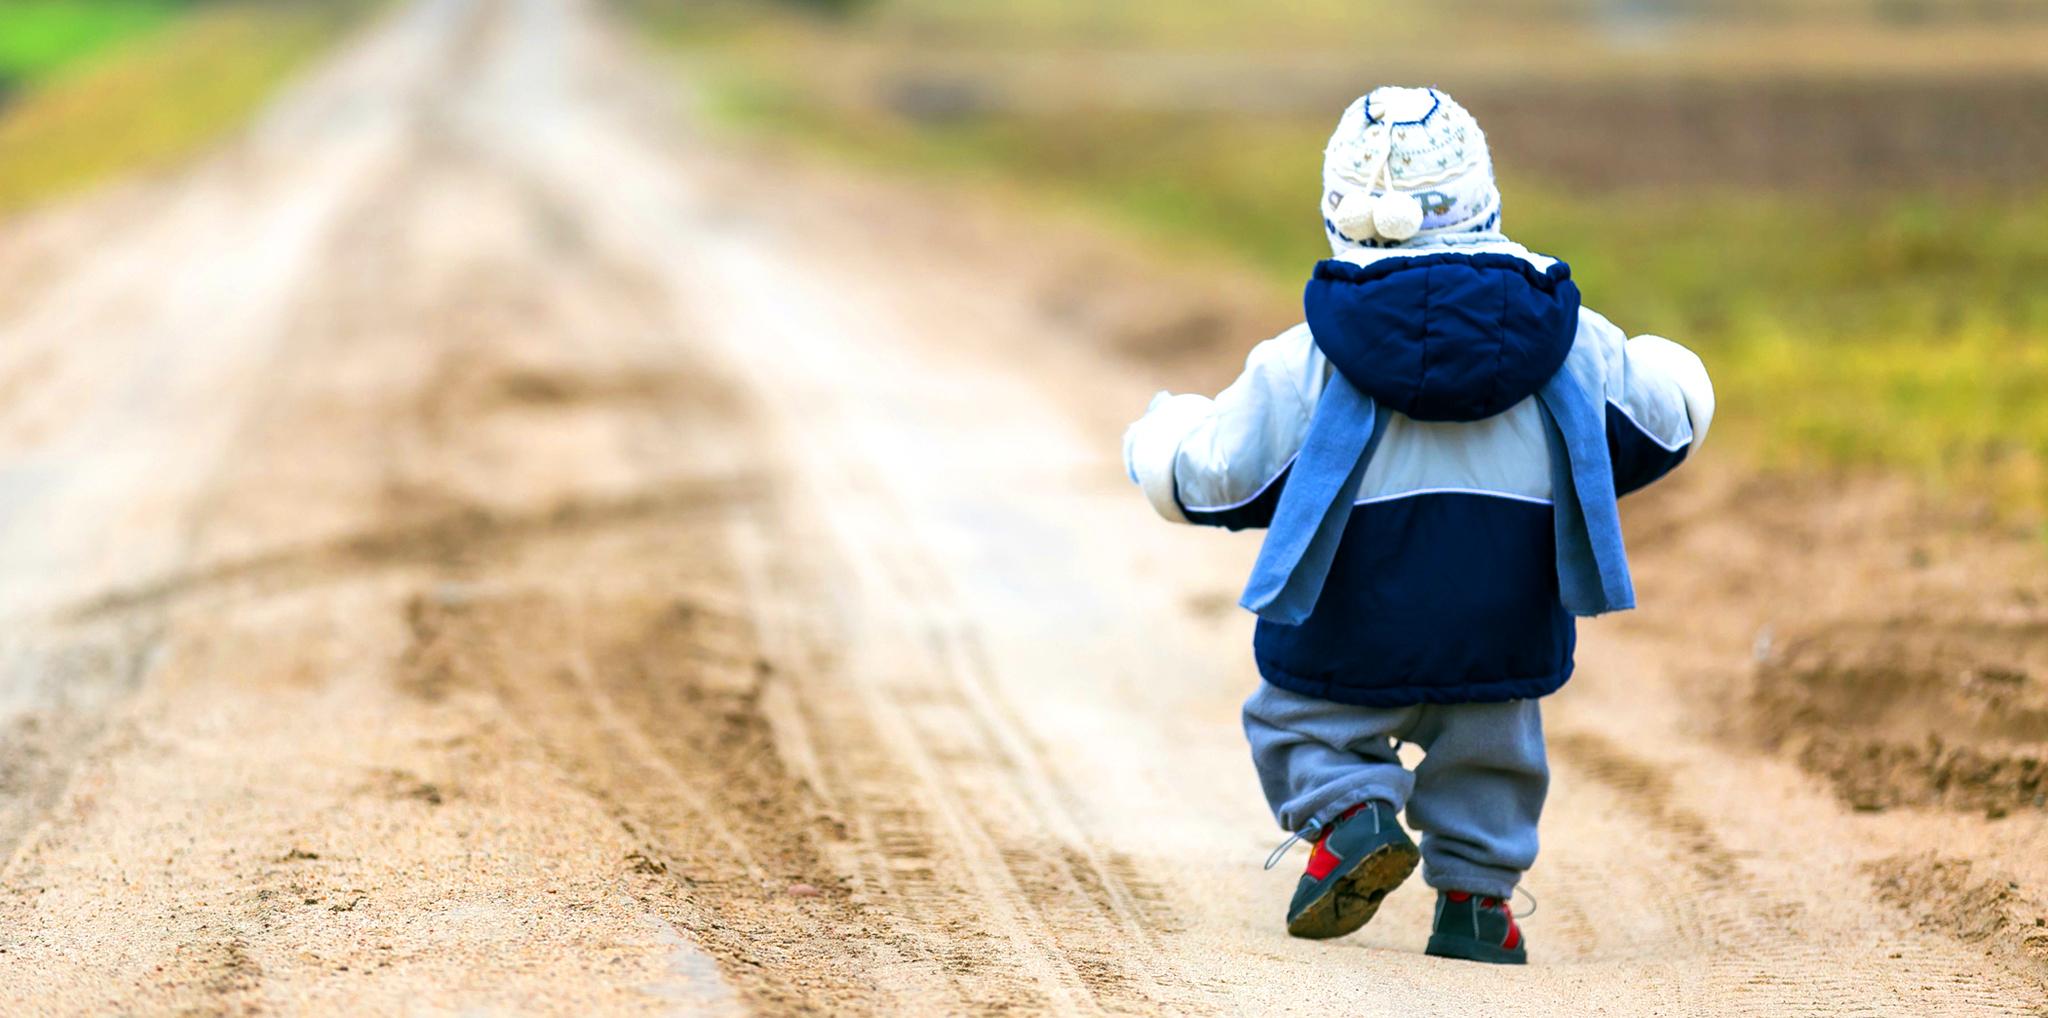 Causes-For-Child-MisBehavior-Freedom.jpg